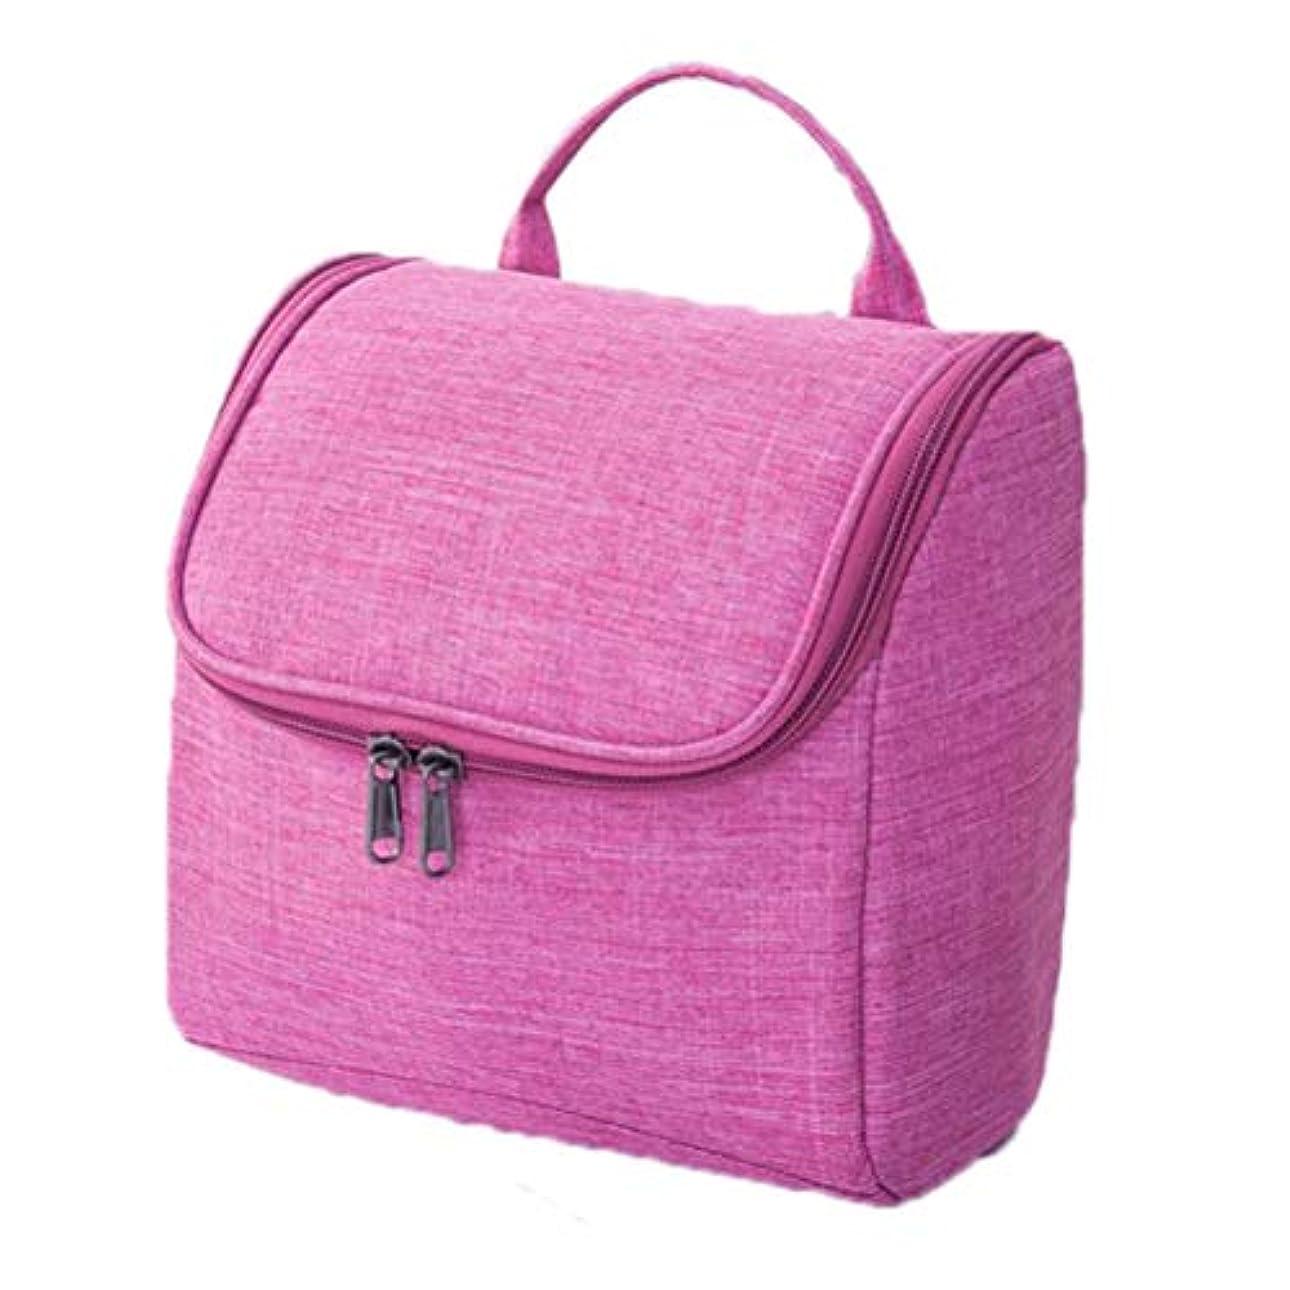 チャーム作業新聞COSCO コスメバッグ トラベルポーチ 化粧ポーチ 旅行バッグ 洗面用具入れ 収納バッグ フック付き 吊り下げ